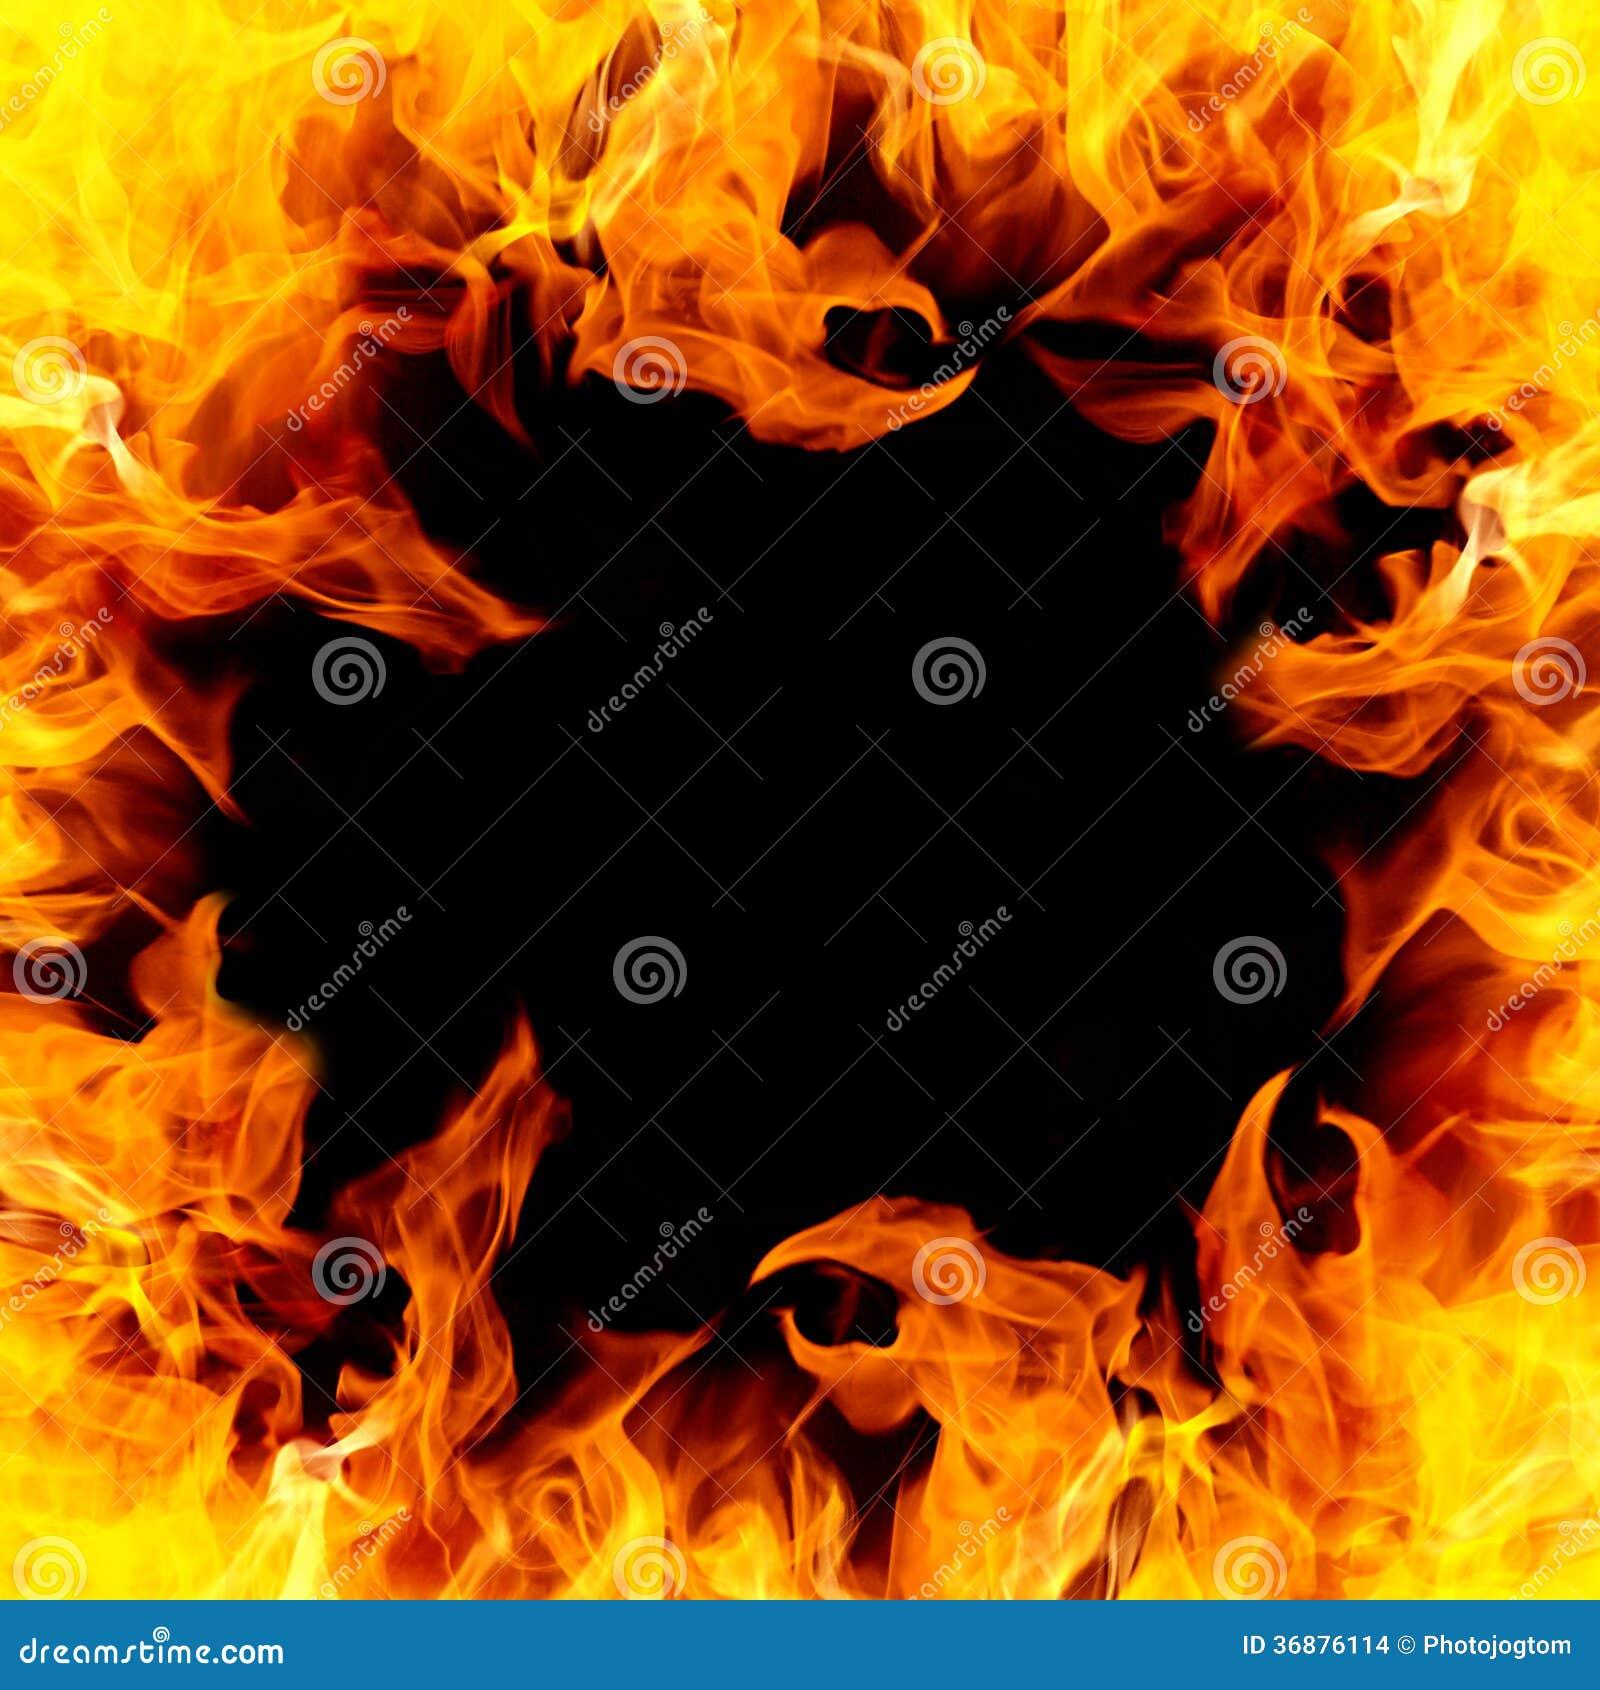 Download Foro del fuoco fotografia stock. Immagine di glowing - 36876114